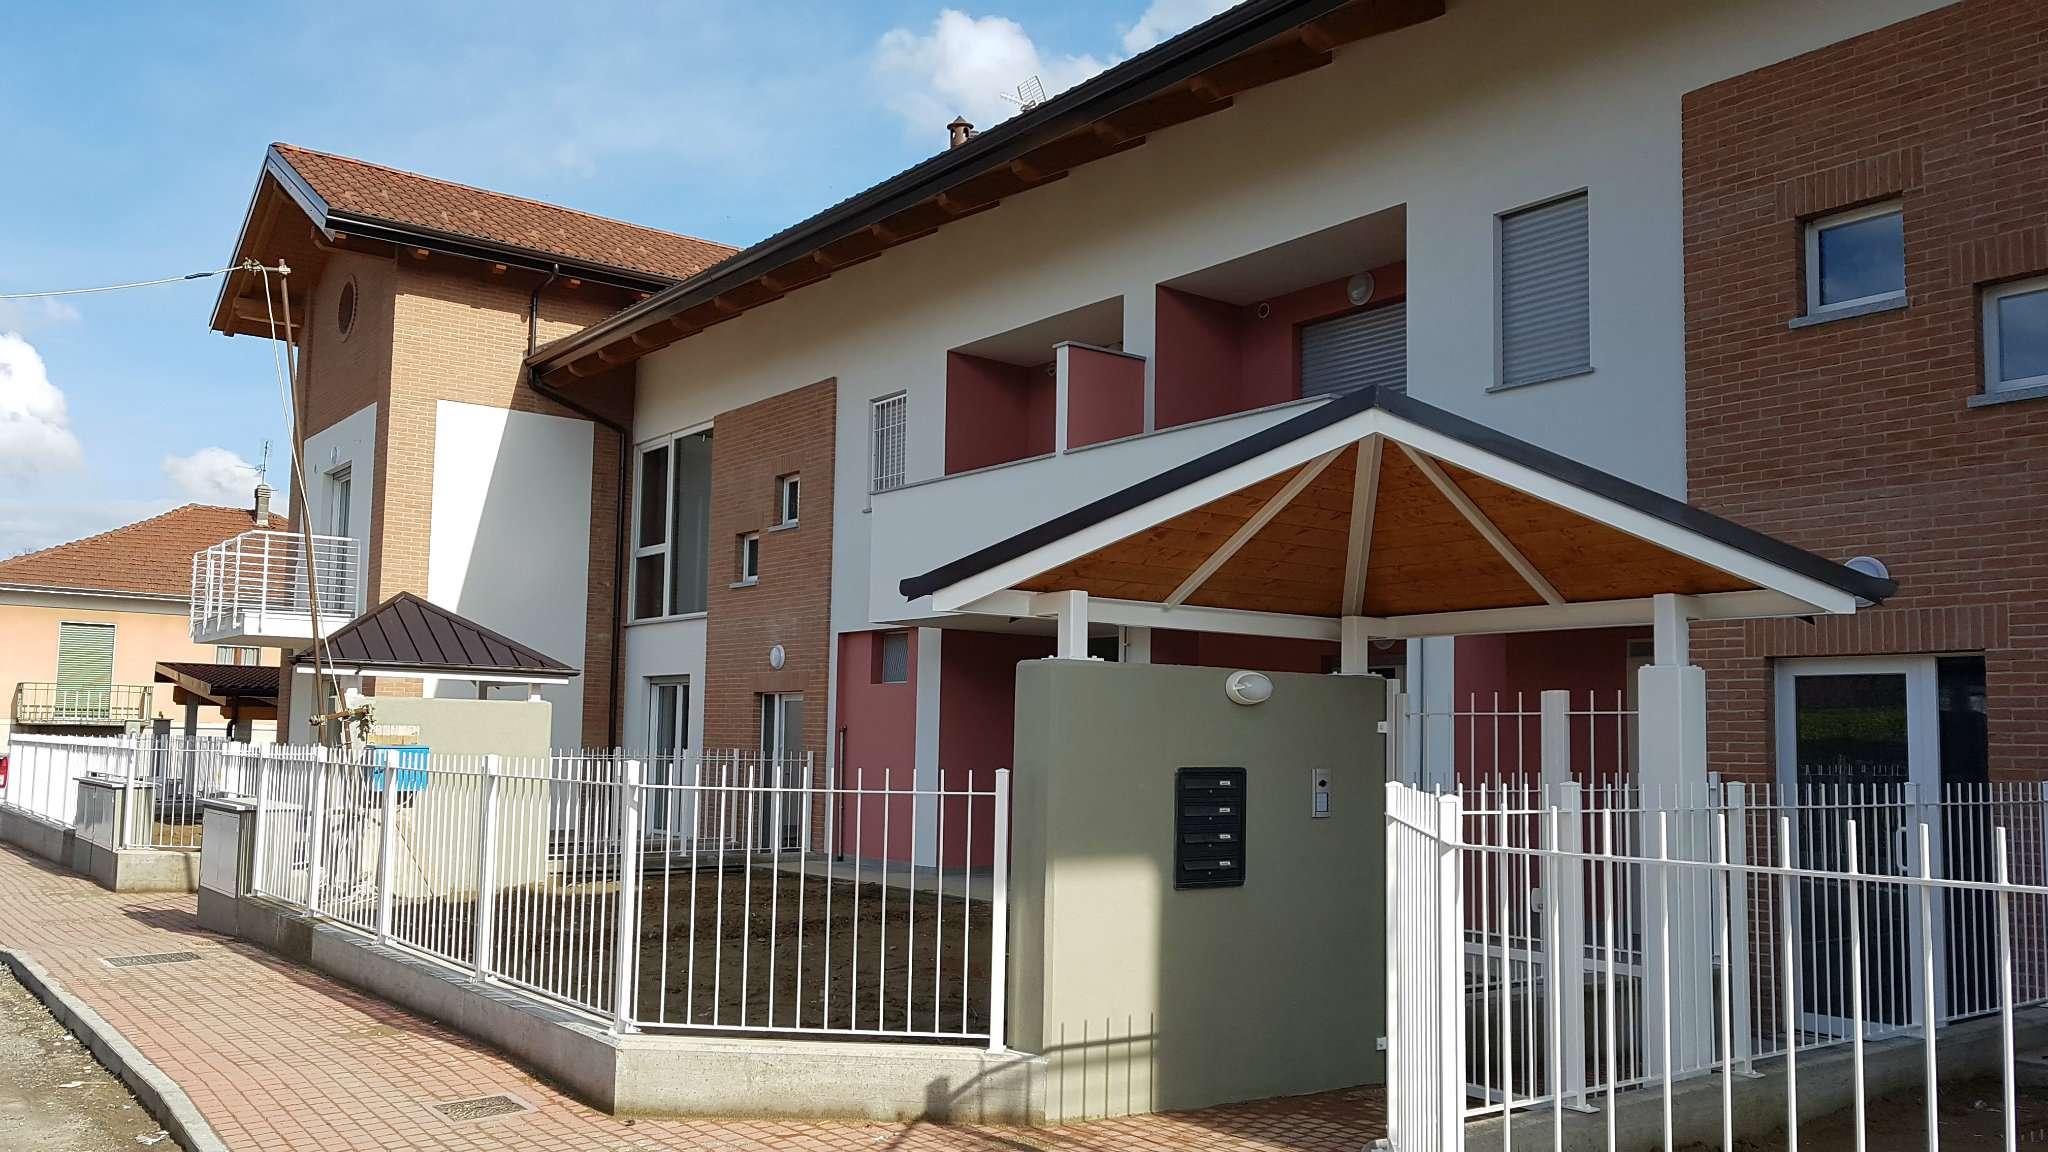 Appartamento in vendita a Trofarello, 3 locali, prezzo € 240.000 | CambioCasa.it